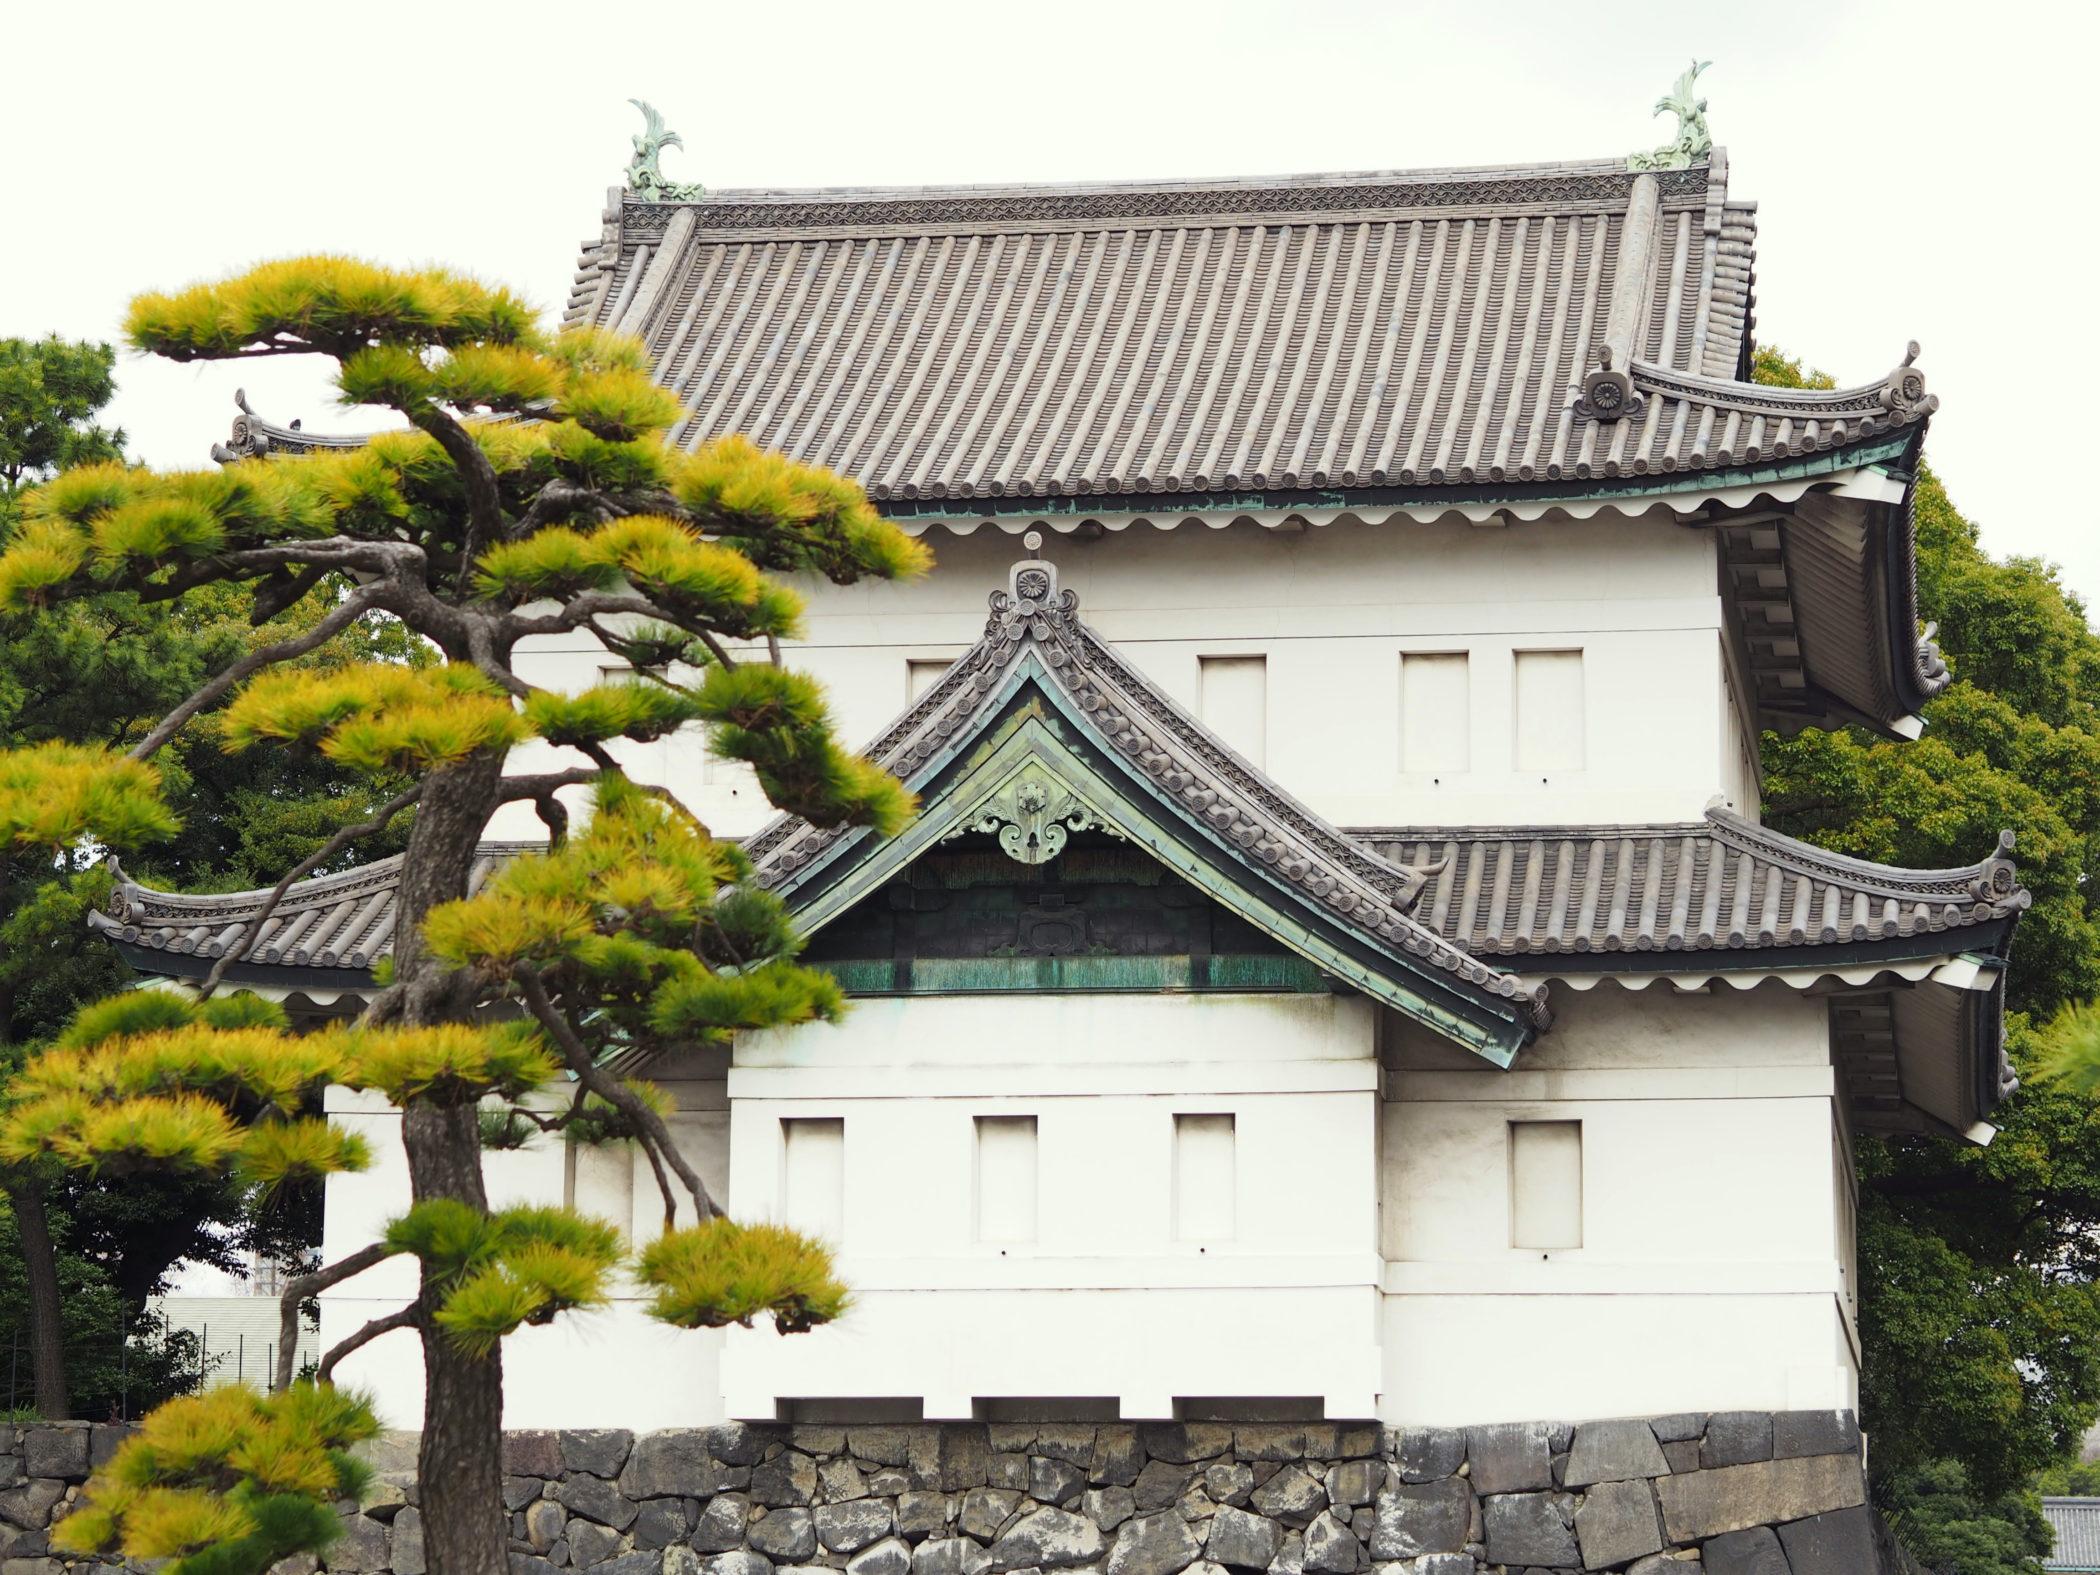 Das Erste Mal Japan U2013 12 Dinge, Die Man Wissen Sollte